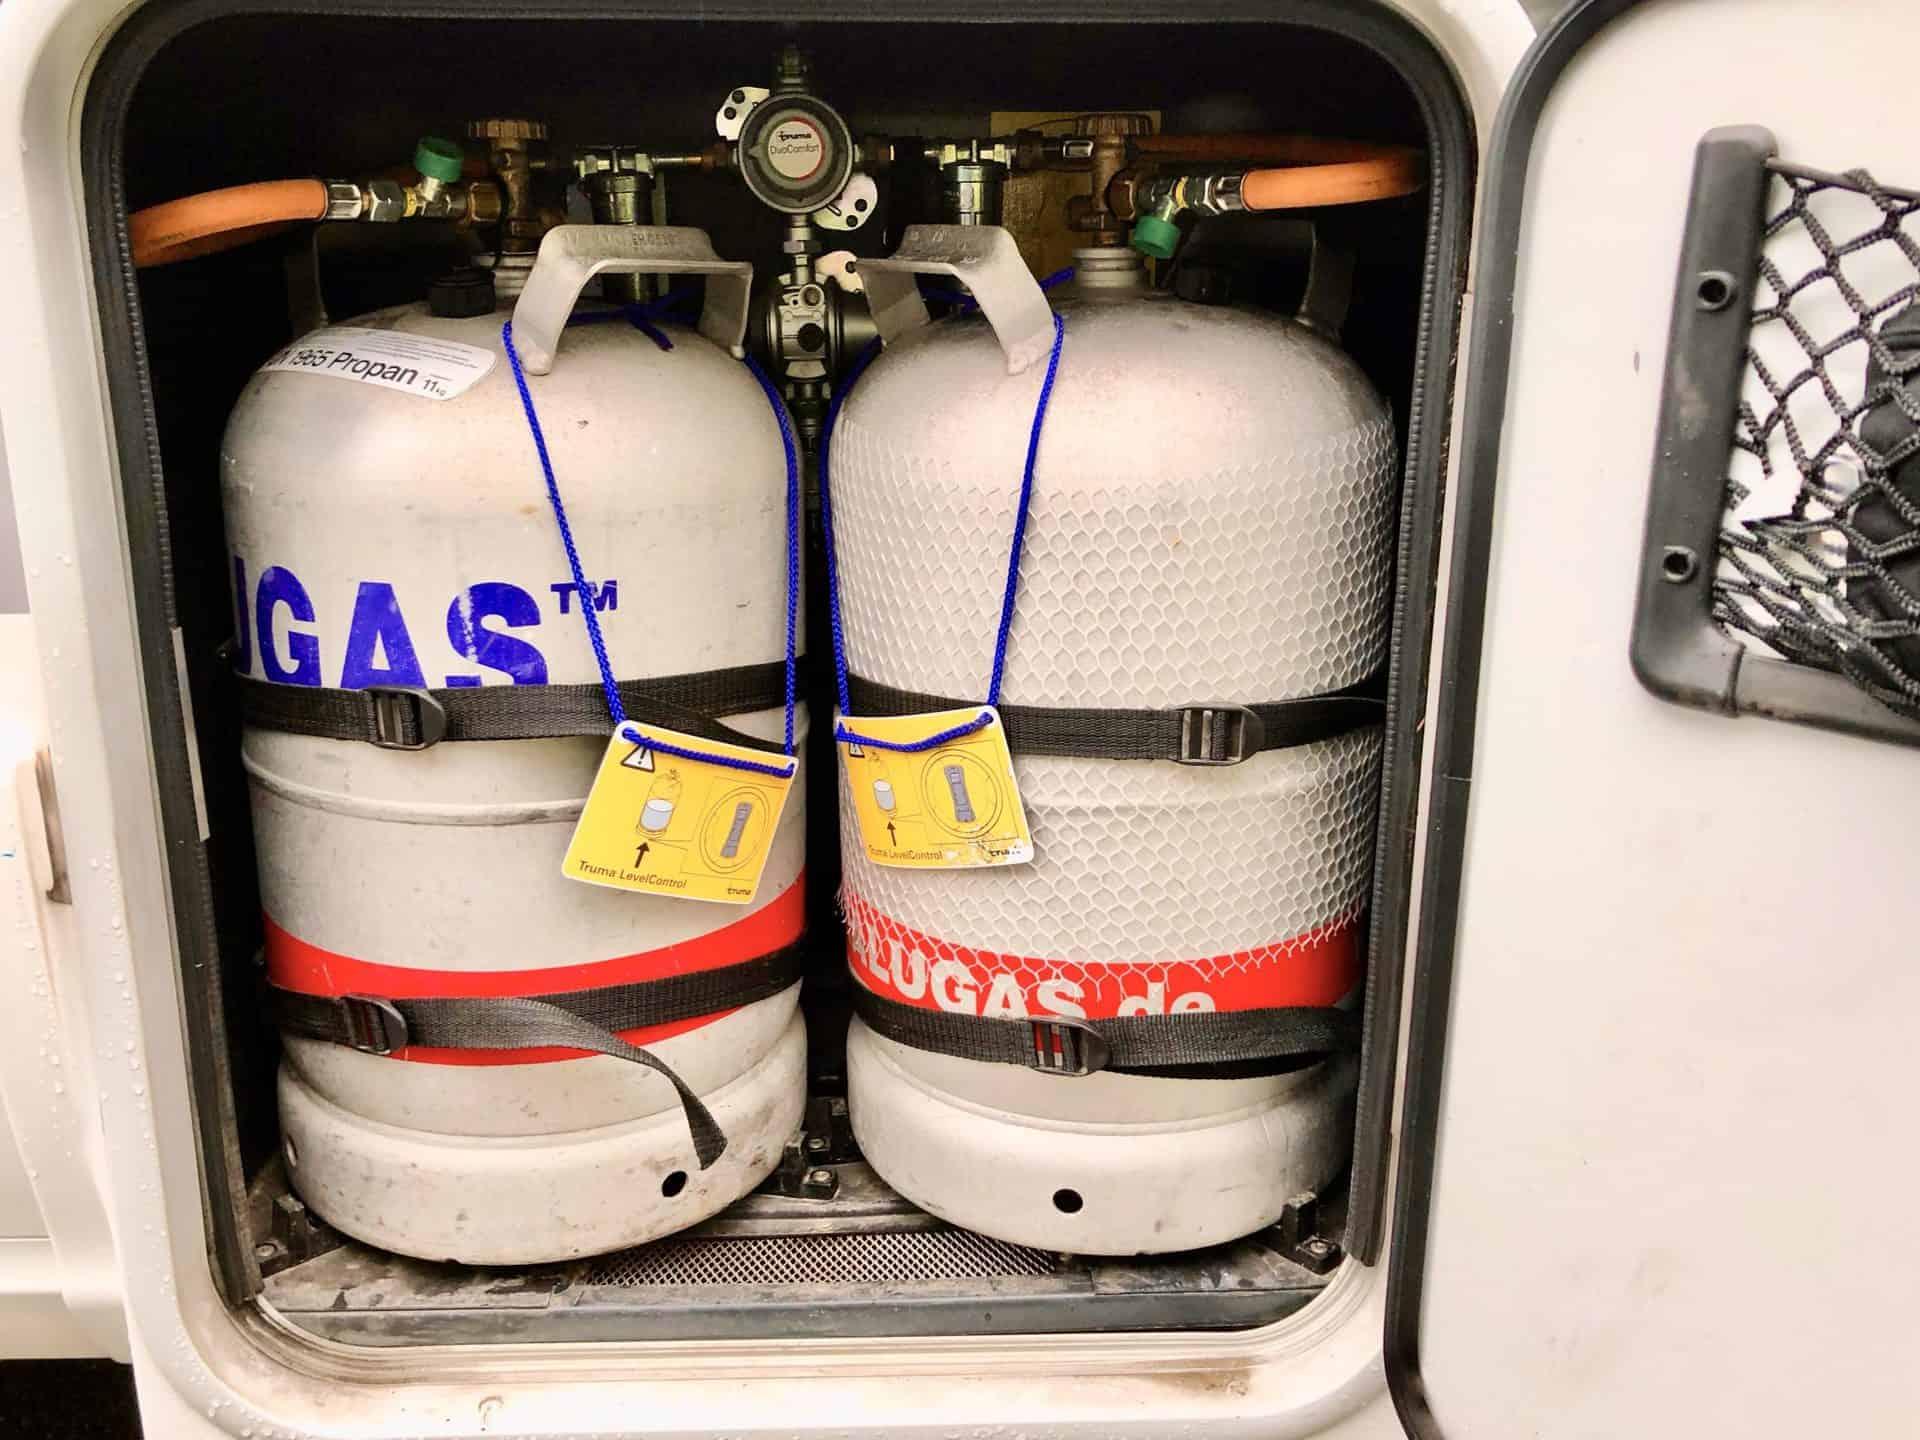 Gasprobleme_erkennen_und_lösen_Gasflaschenkasten-scaled.jpeg